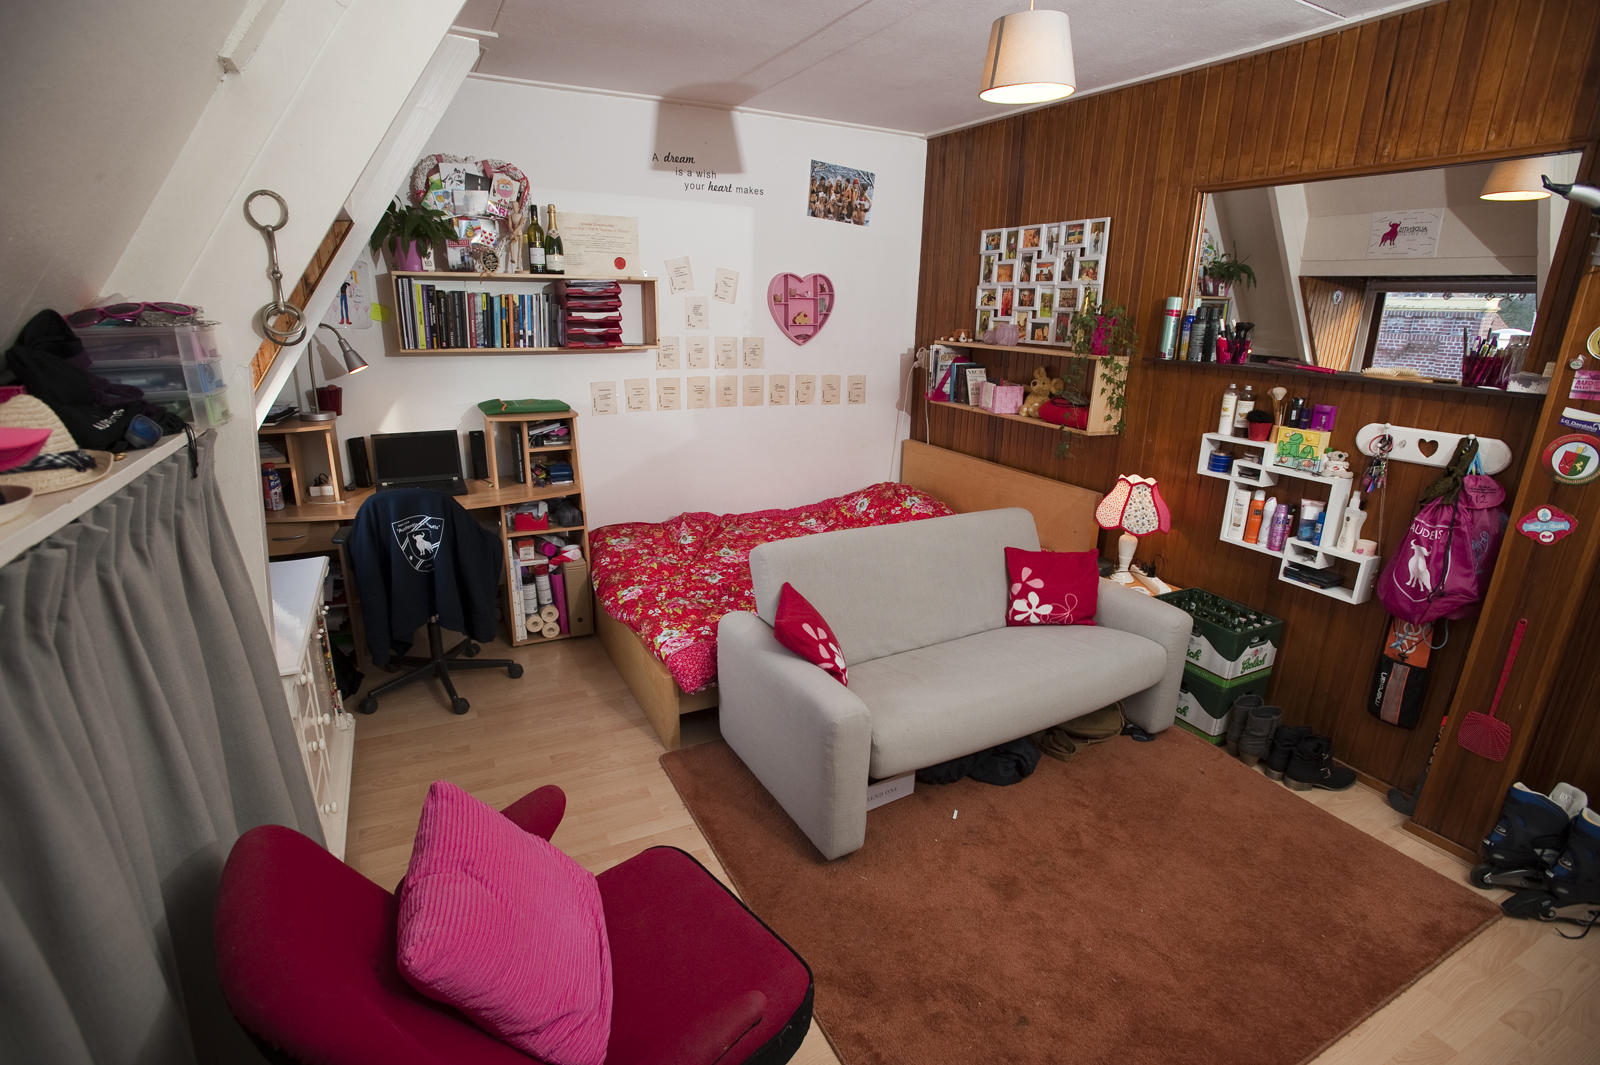 Slaapkamer Gezellig Maken : Slaapkamer gezellig maken referenties op huis ontwerp interieur